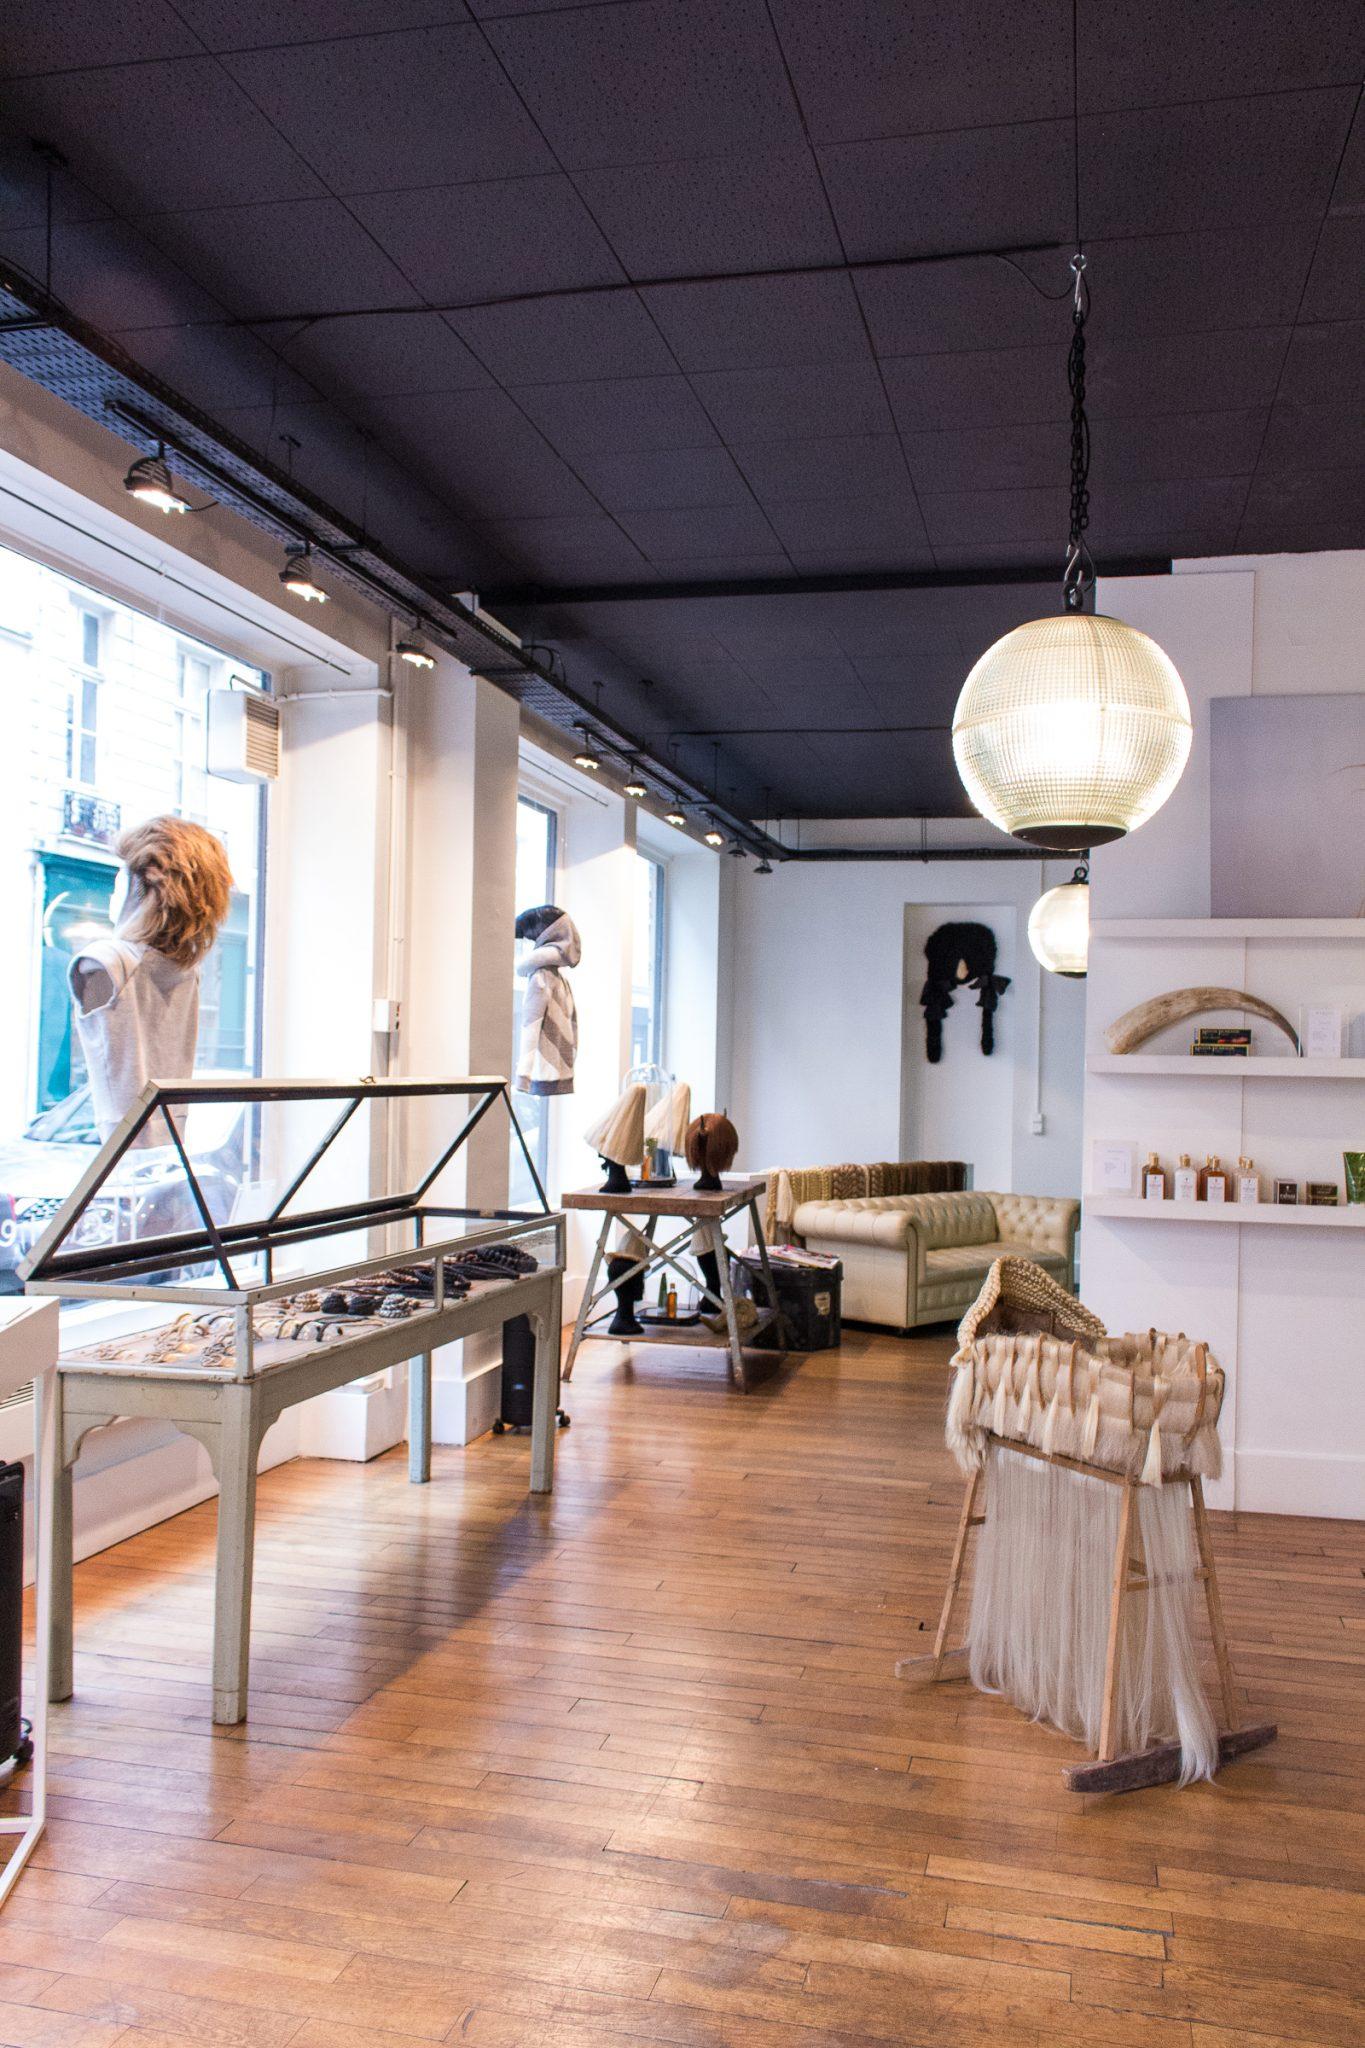 Salon De Coiffure En Anglais : salon, coiffure, anglais, Meilleur, Salon, Coiffure, Paris, Glittering, Unknown